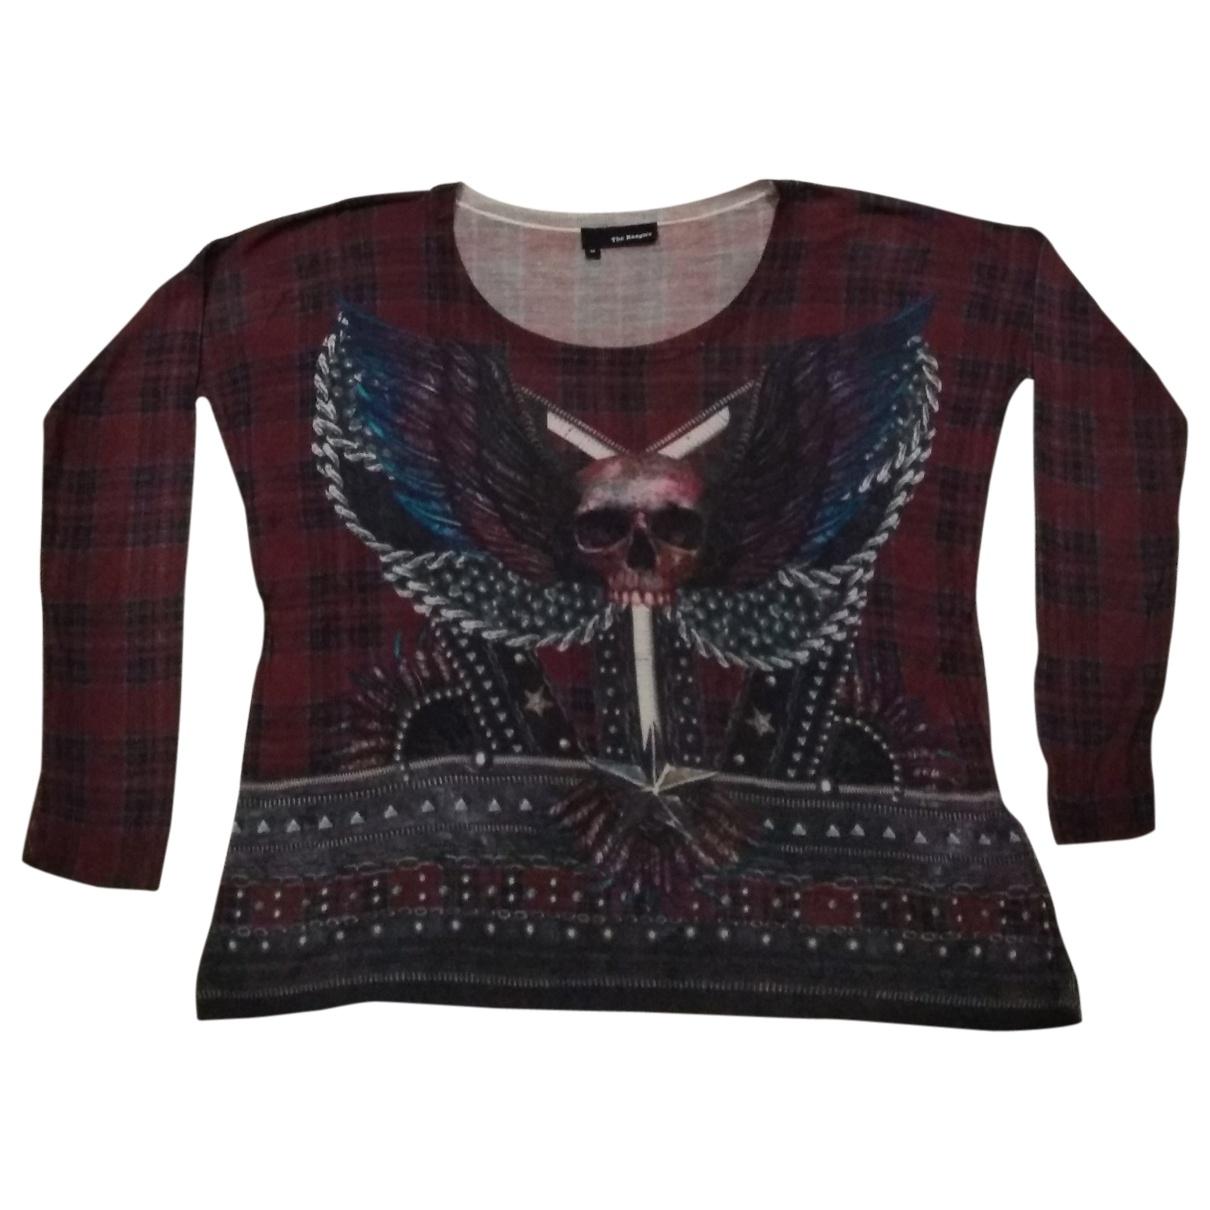 The Kooples \N Burgundy Knitwear for Women M International